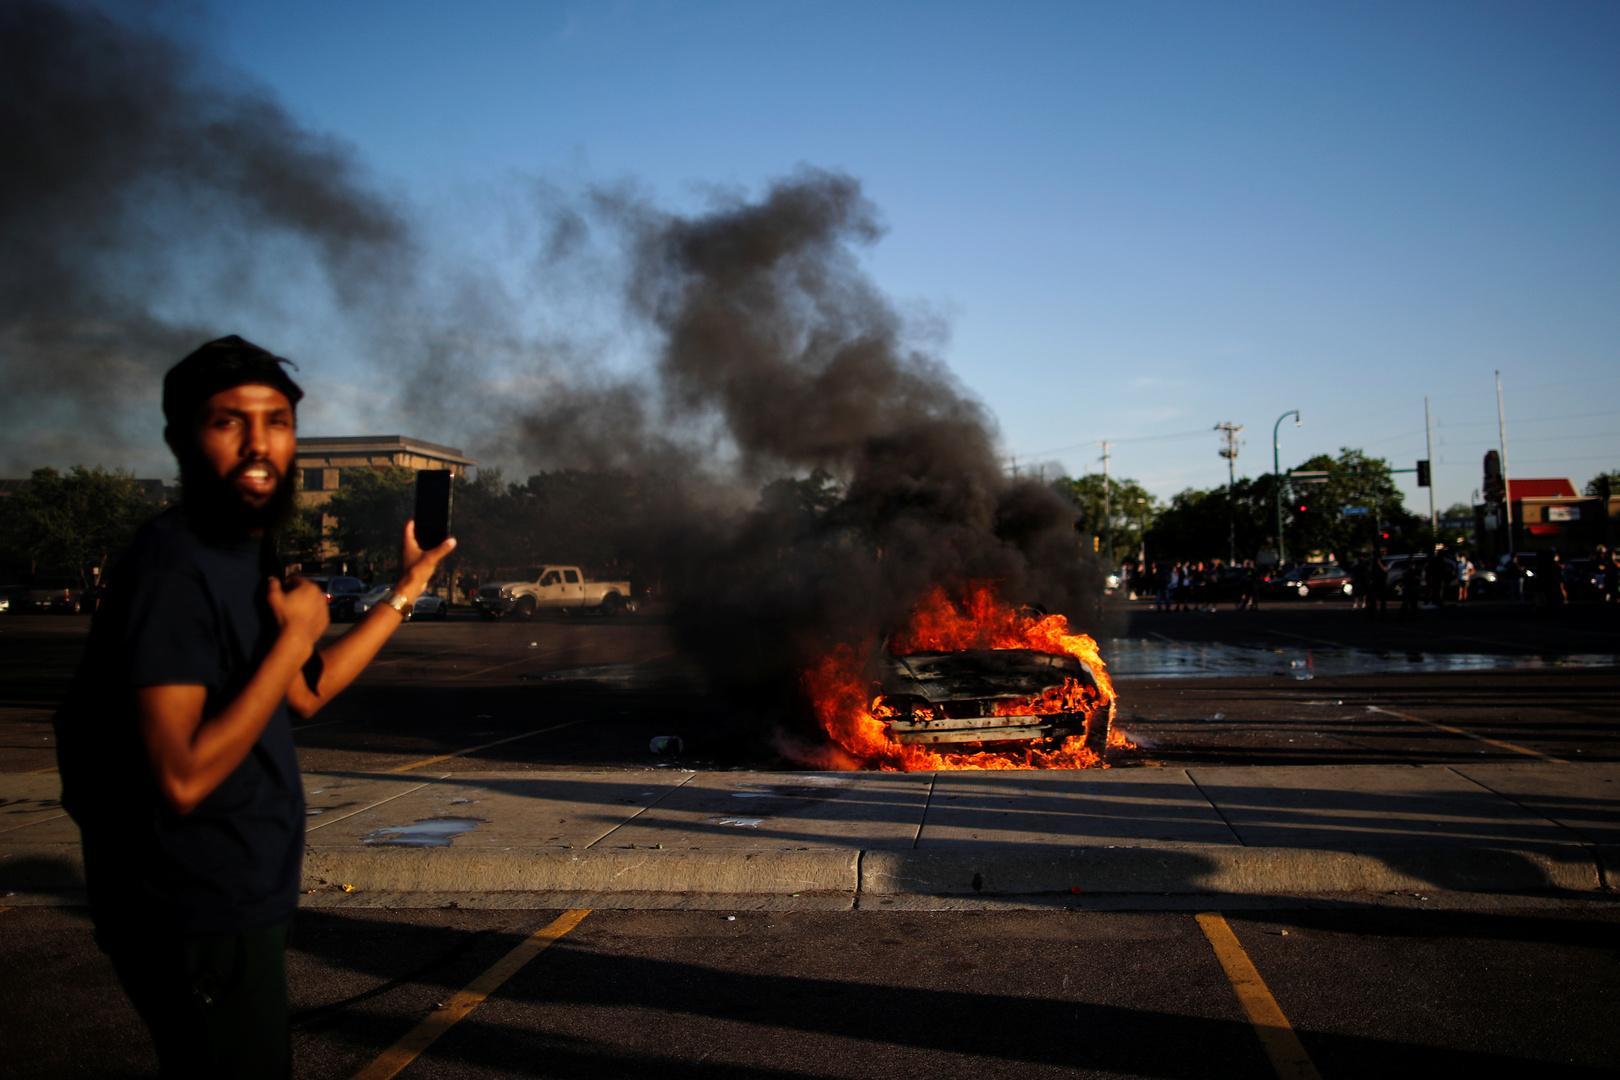 سقوط 3 قتلى على الأقل بالرصاص خلال الاحتجاجات في مدينة إنديانابوليس الأمريكية